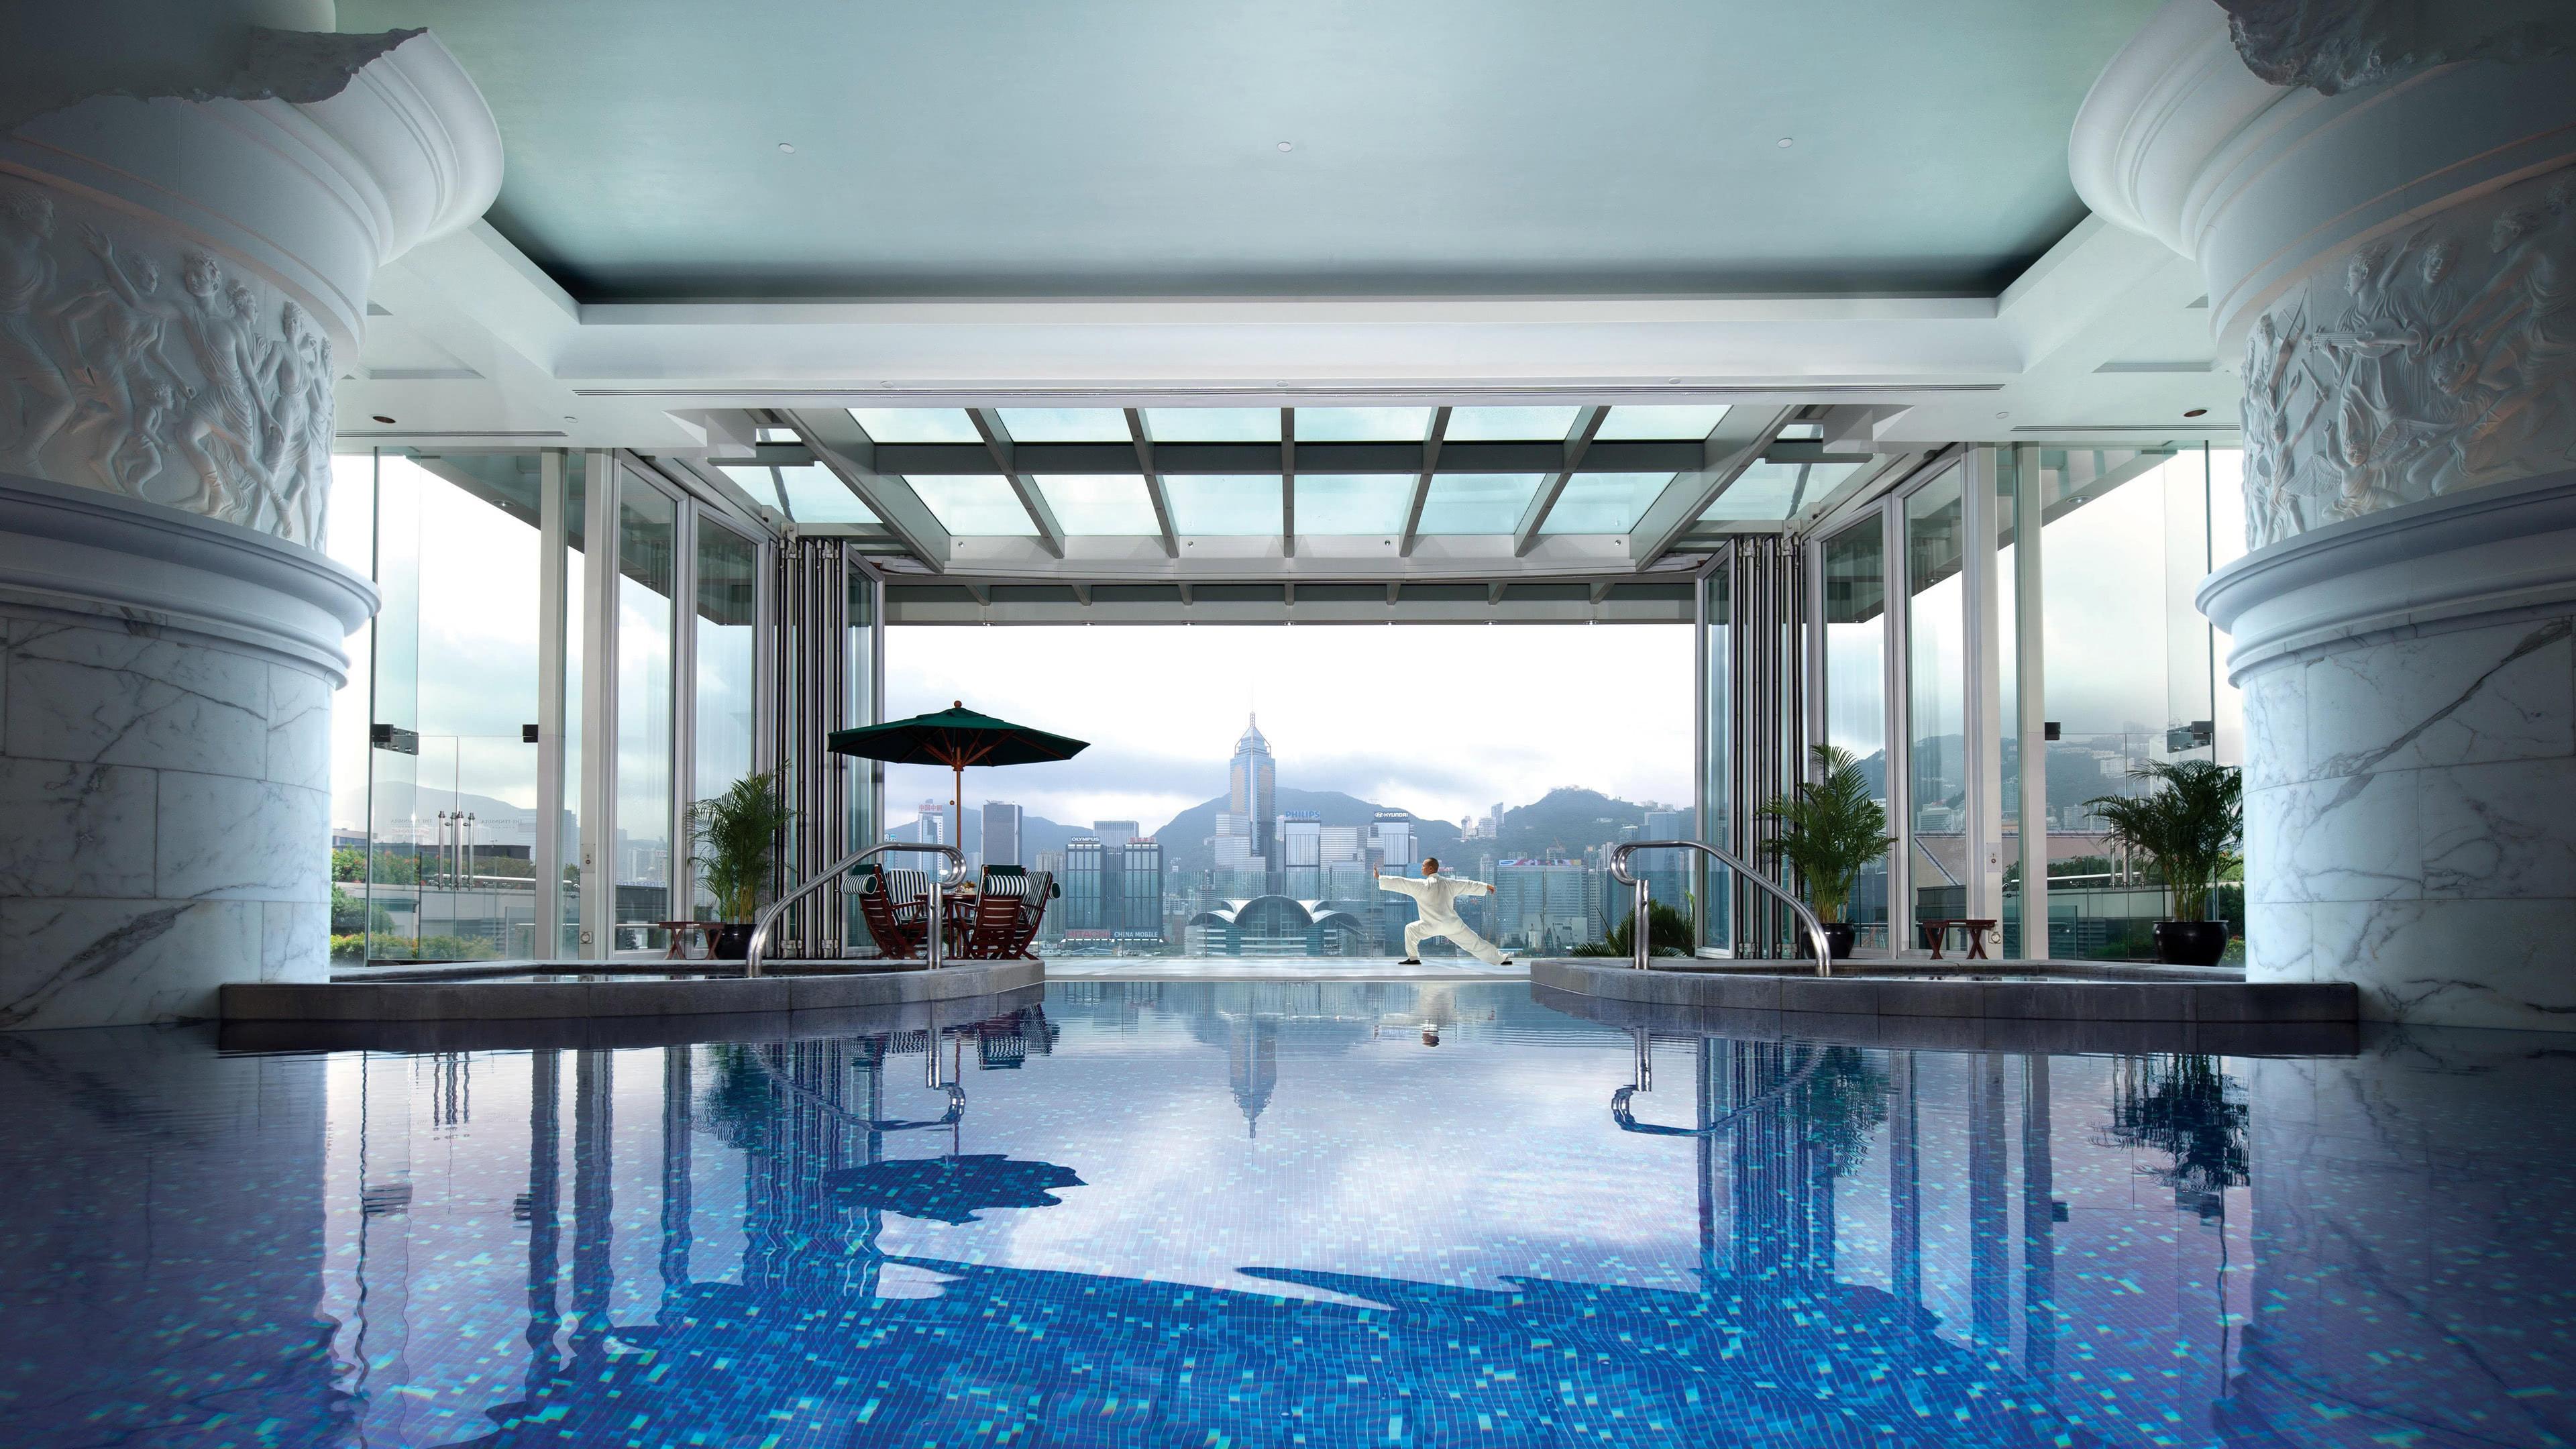 vthe peninsula hong kong pool china uhd 4k wallpaper